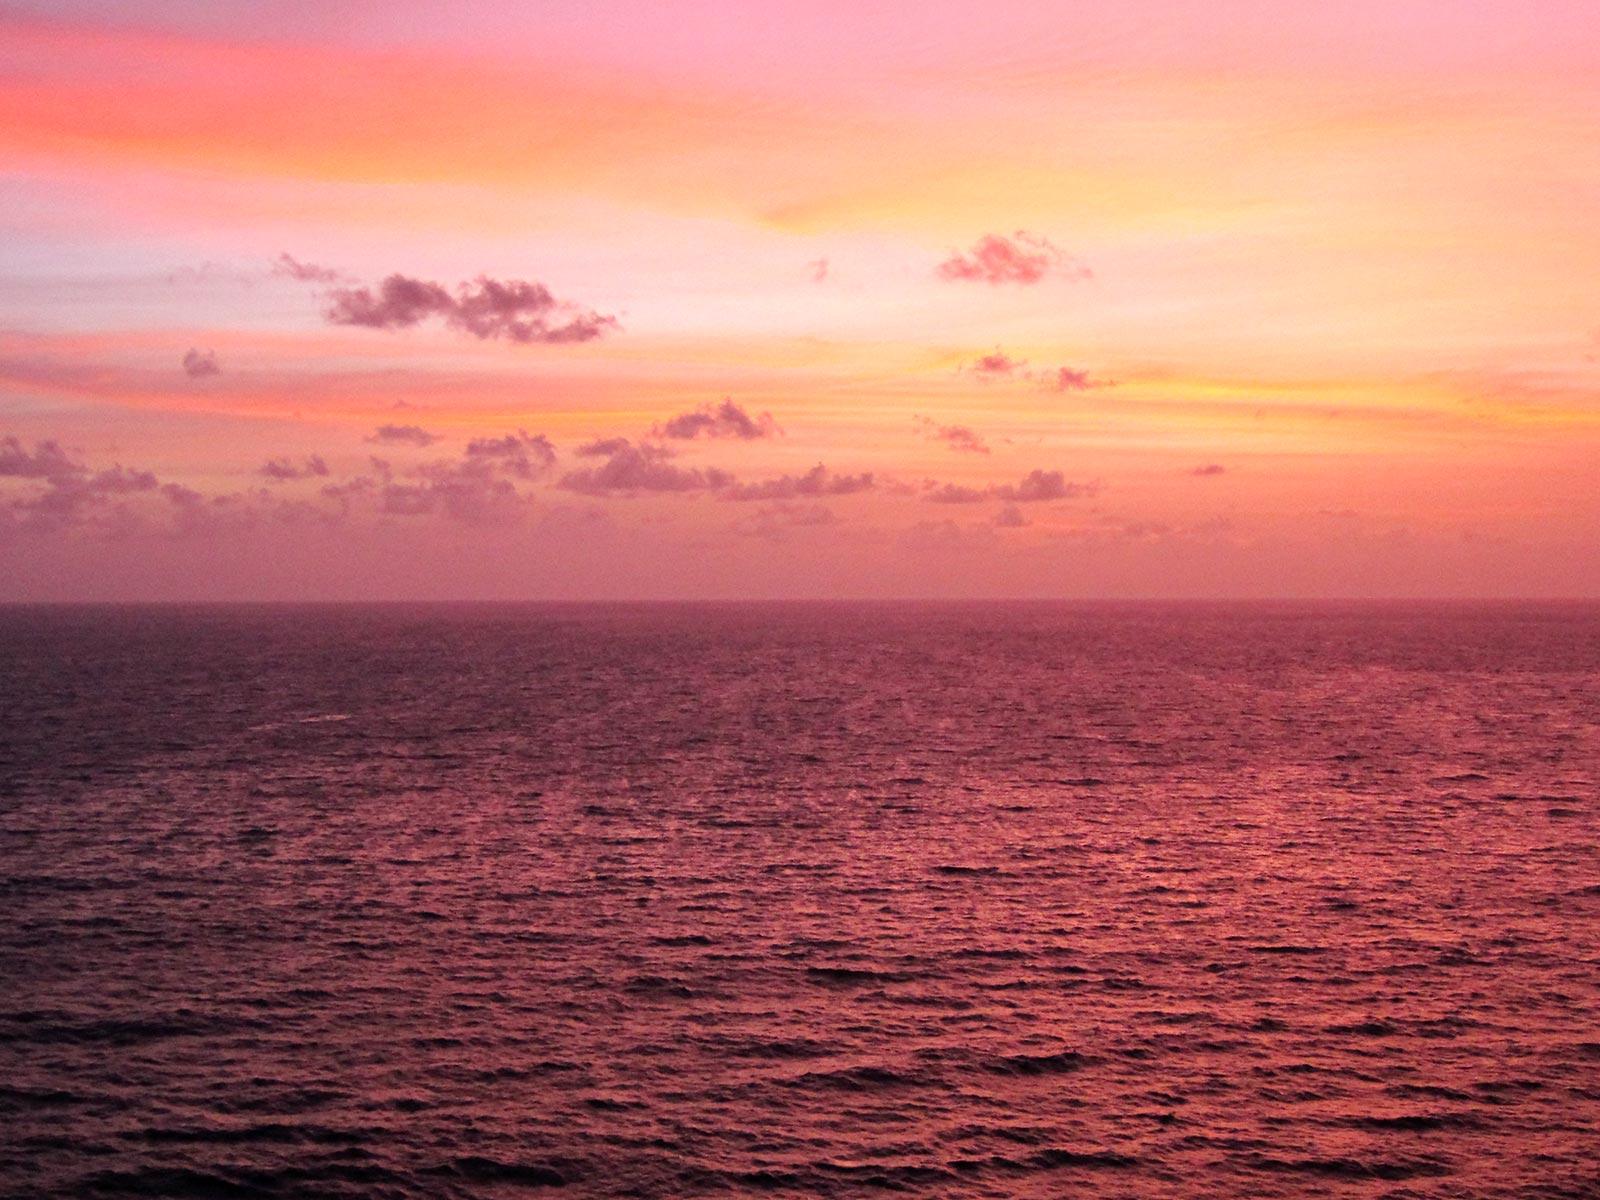 bali-sunset-uluwatu